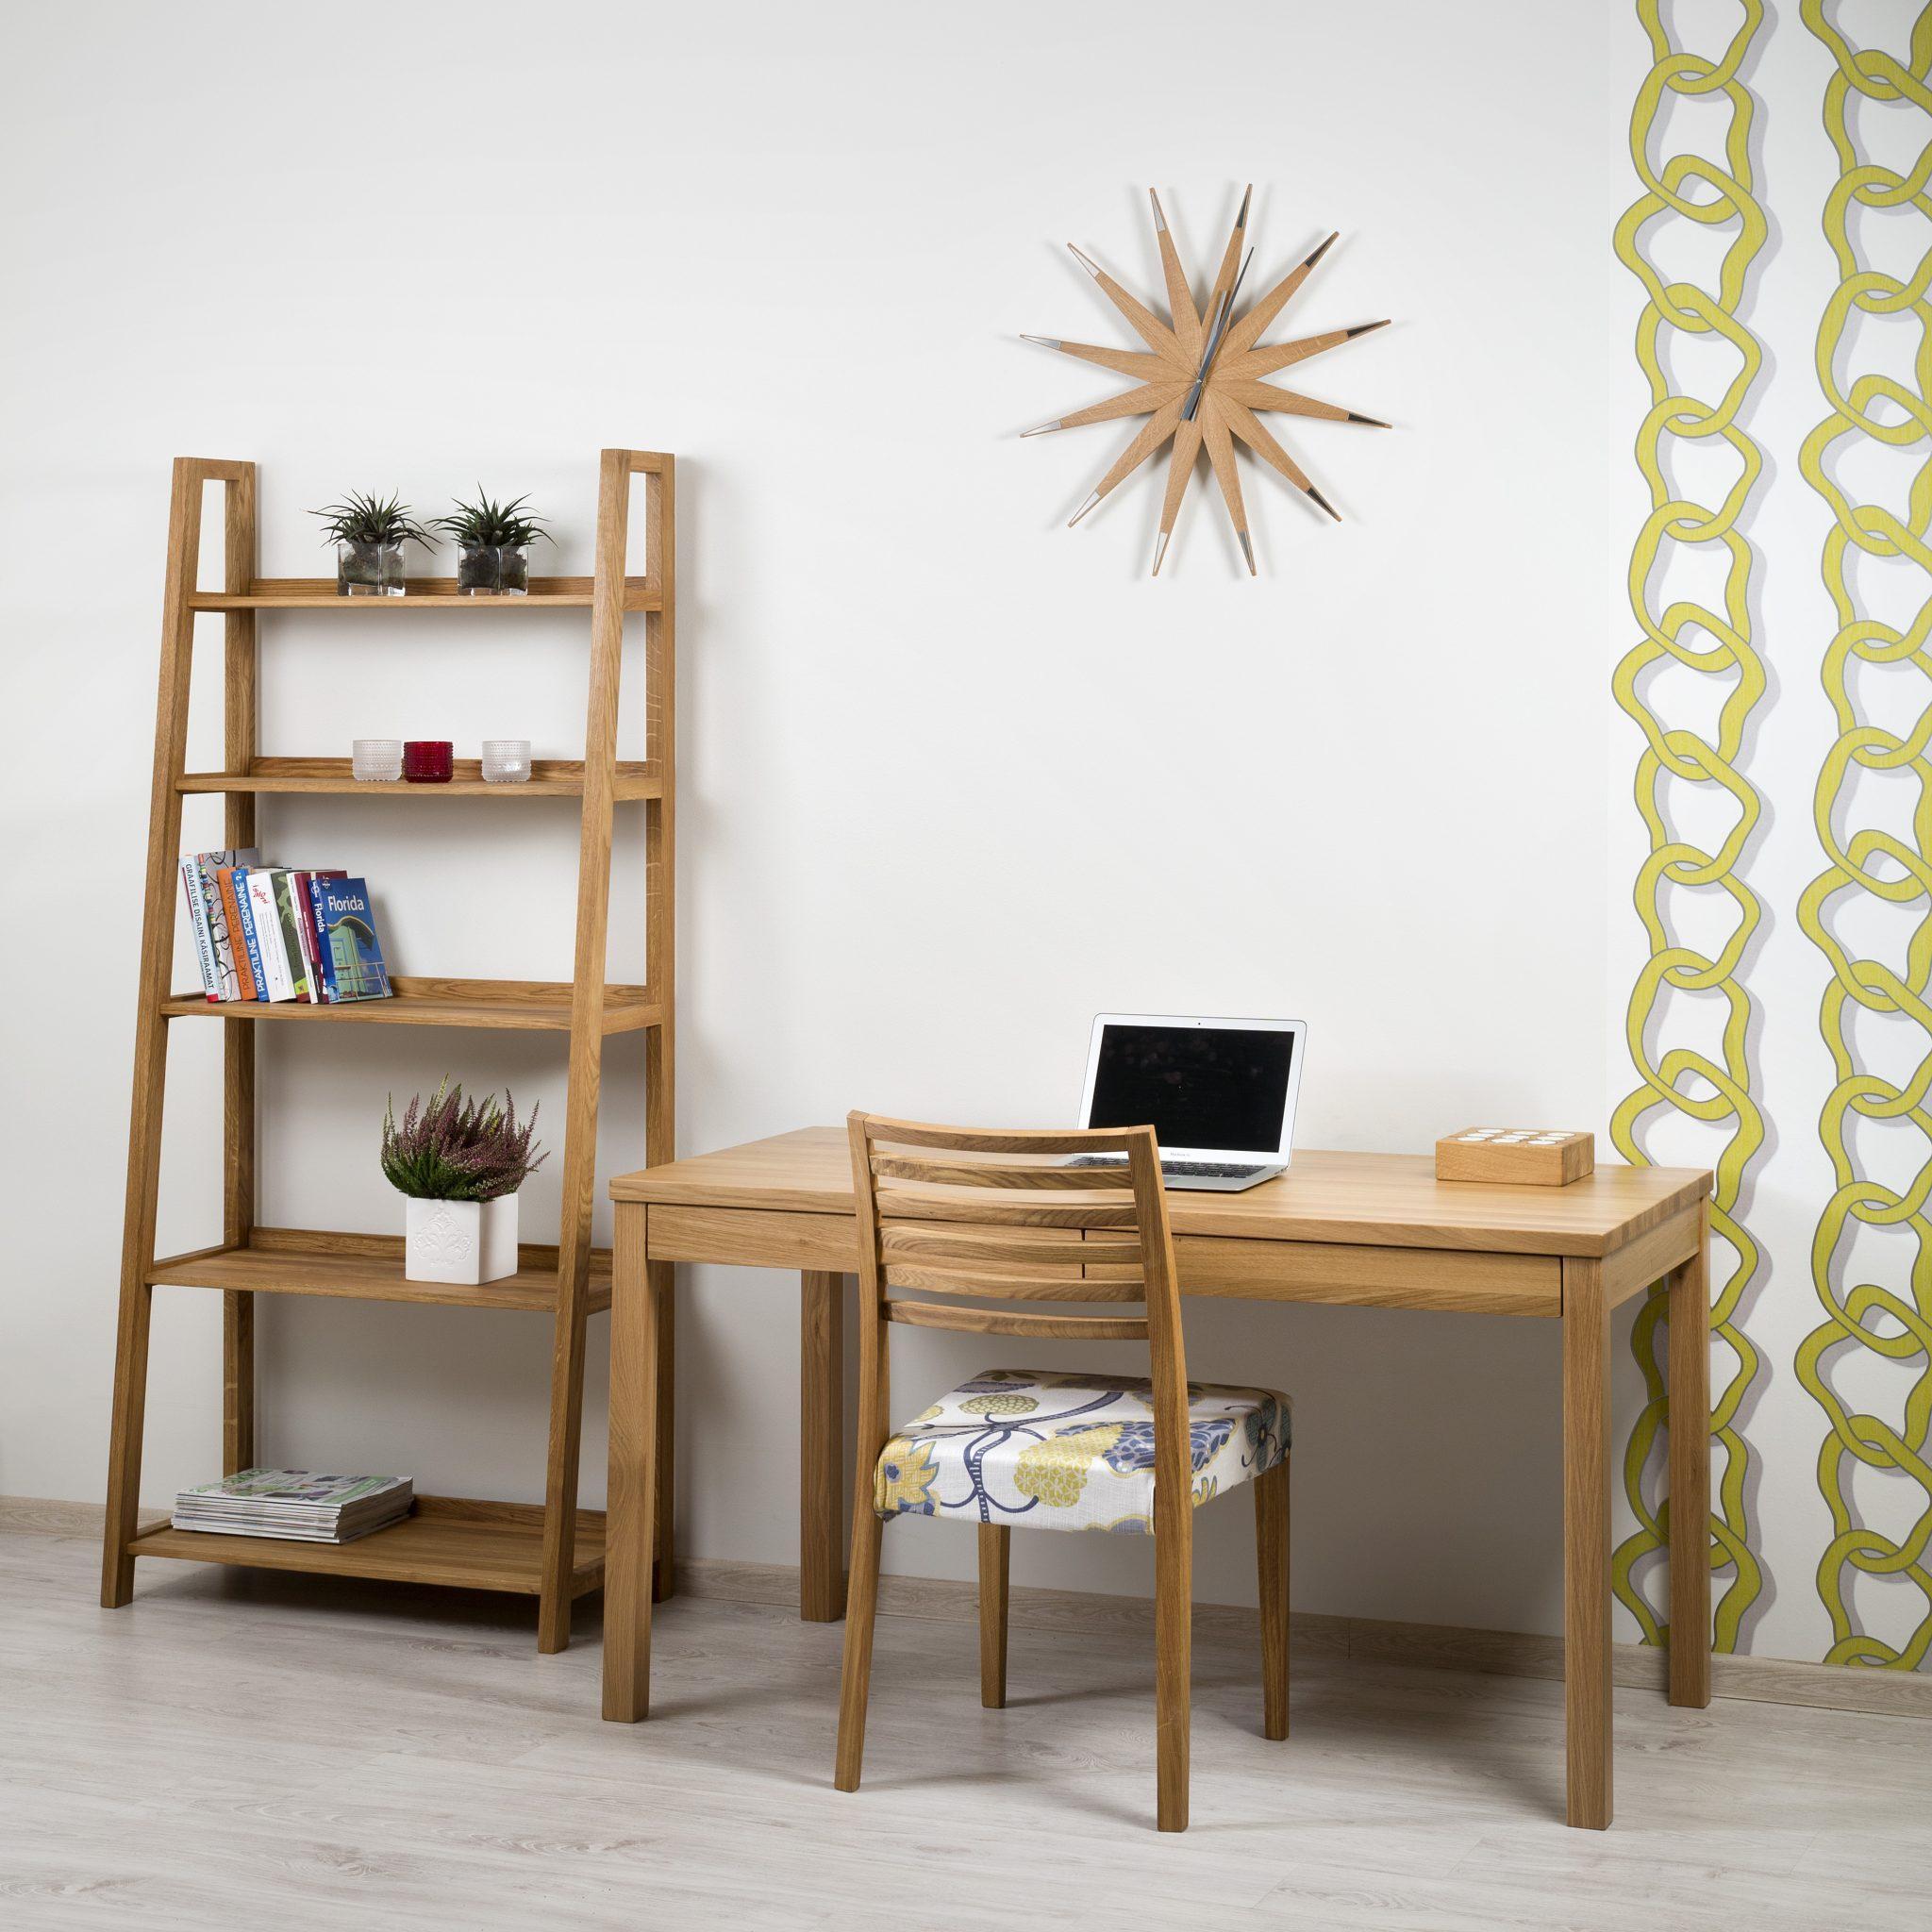 pieni kirjoituspöytä, ruokapöydän tuolit,hyllyt, avohyllykkö, metallihyllyt, puuhylly,